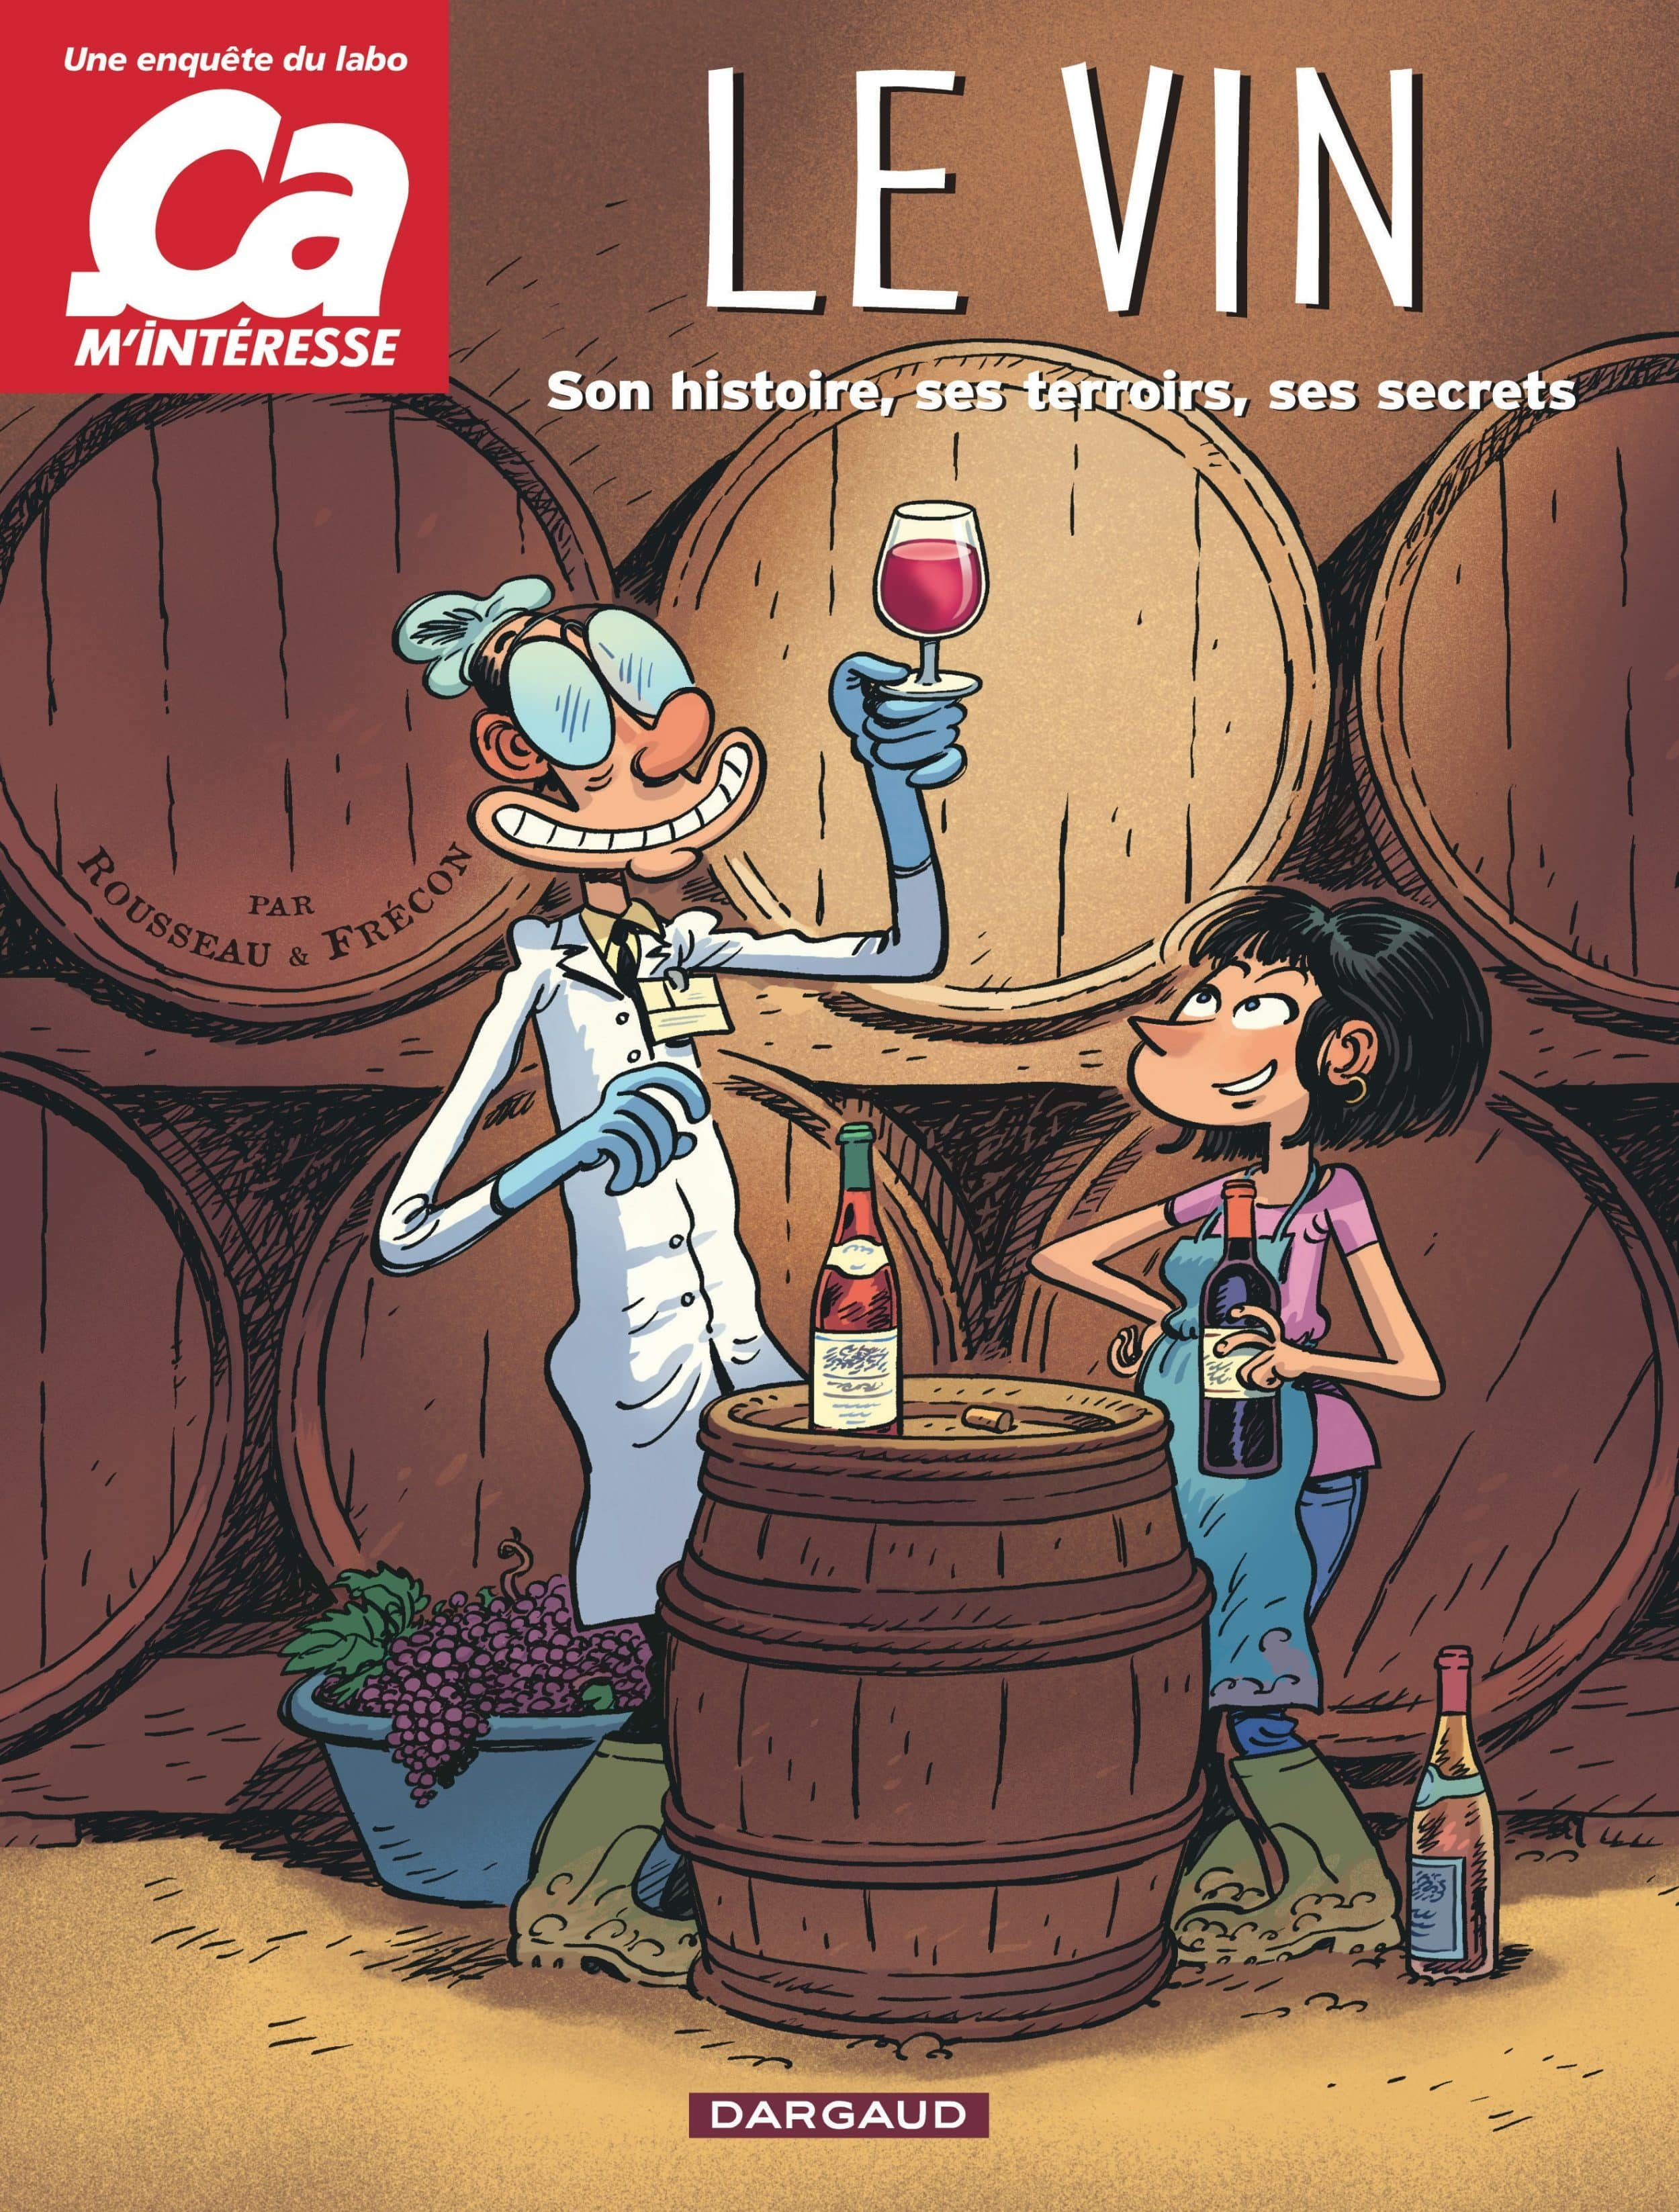 Le Vin, une histoire et des hommes